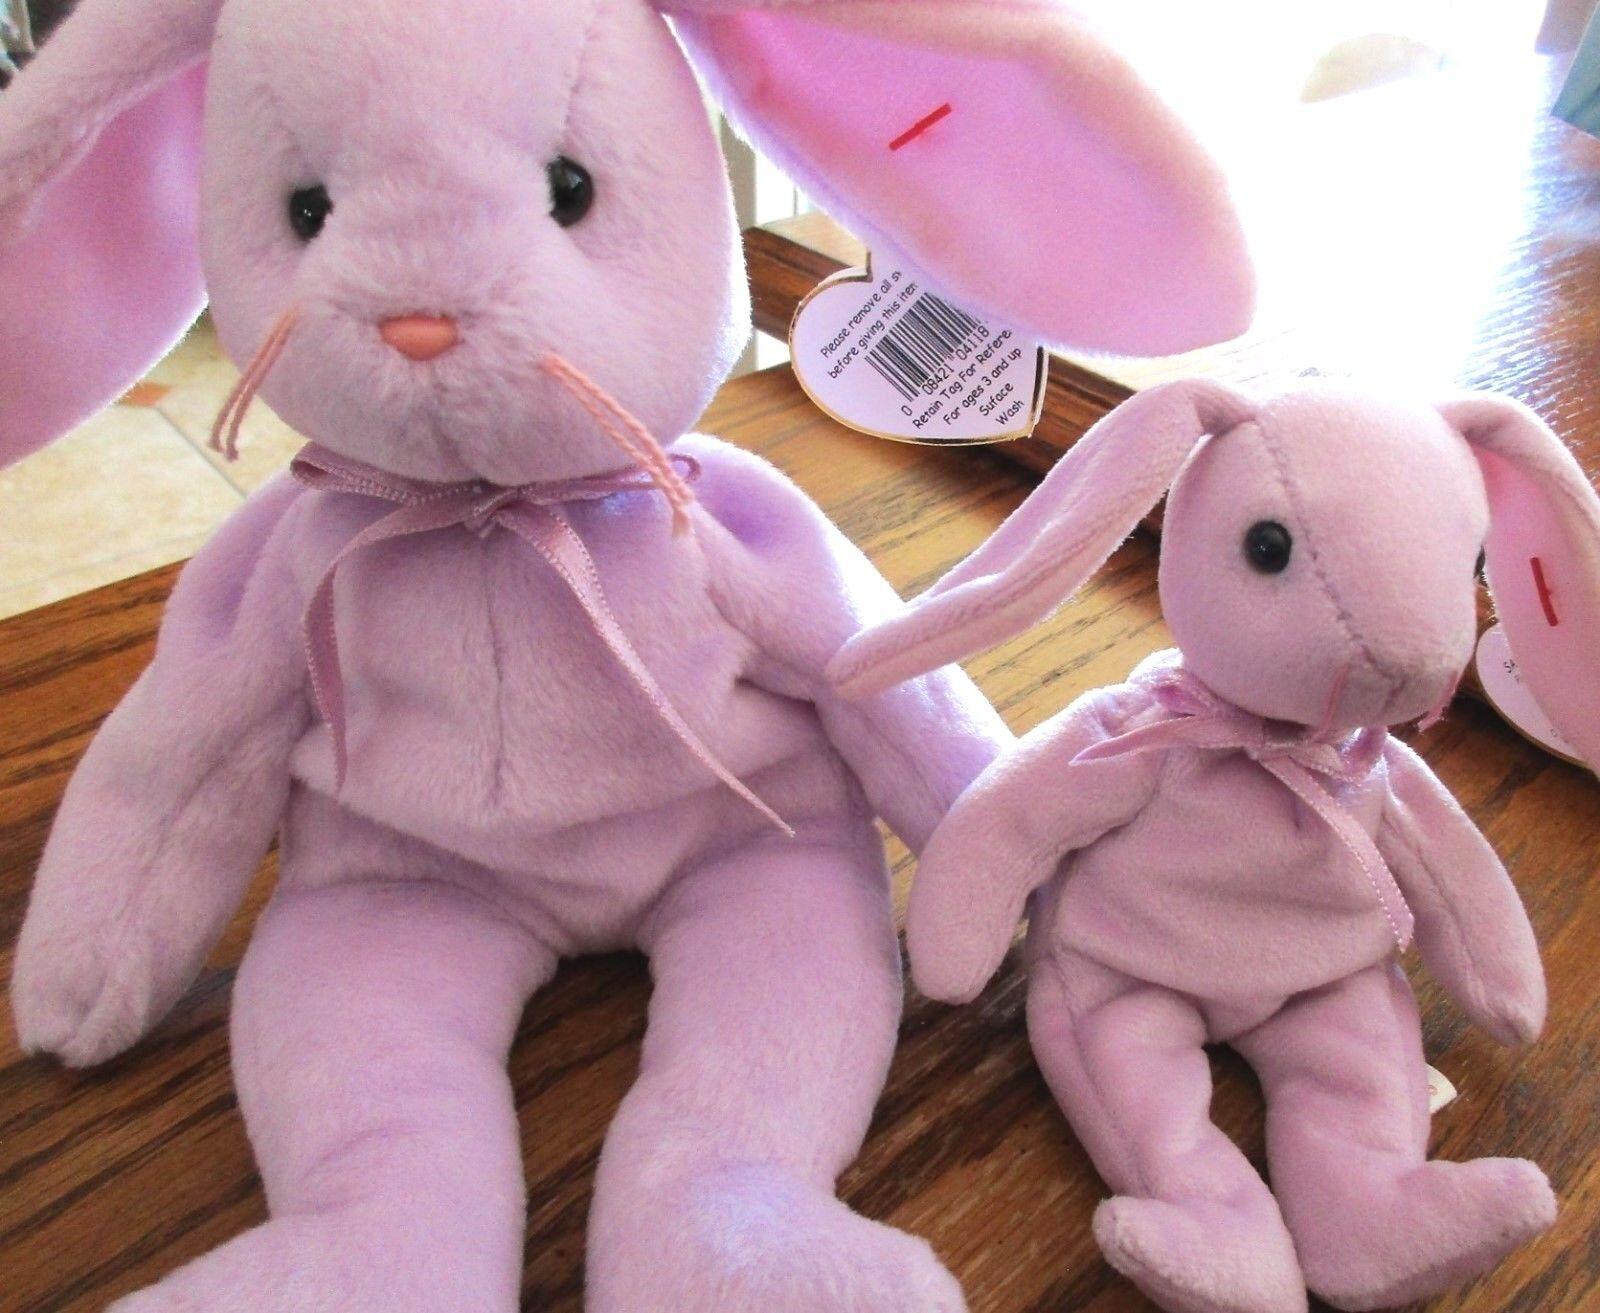 '96 TY Beanie FLOPPITY Lavender Bunny w Mfg Errors + 2001 Basket Beanie Floppity